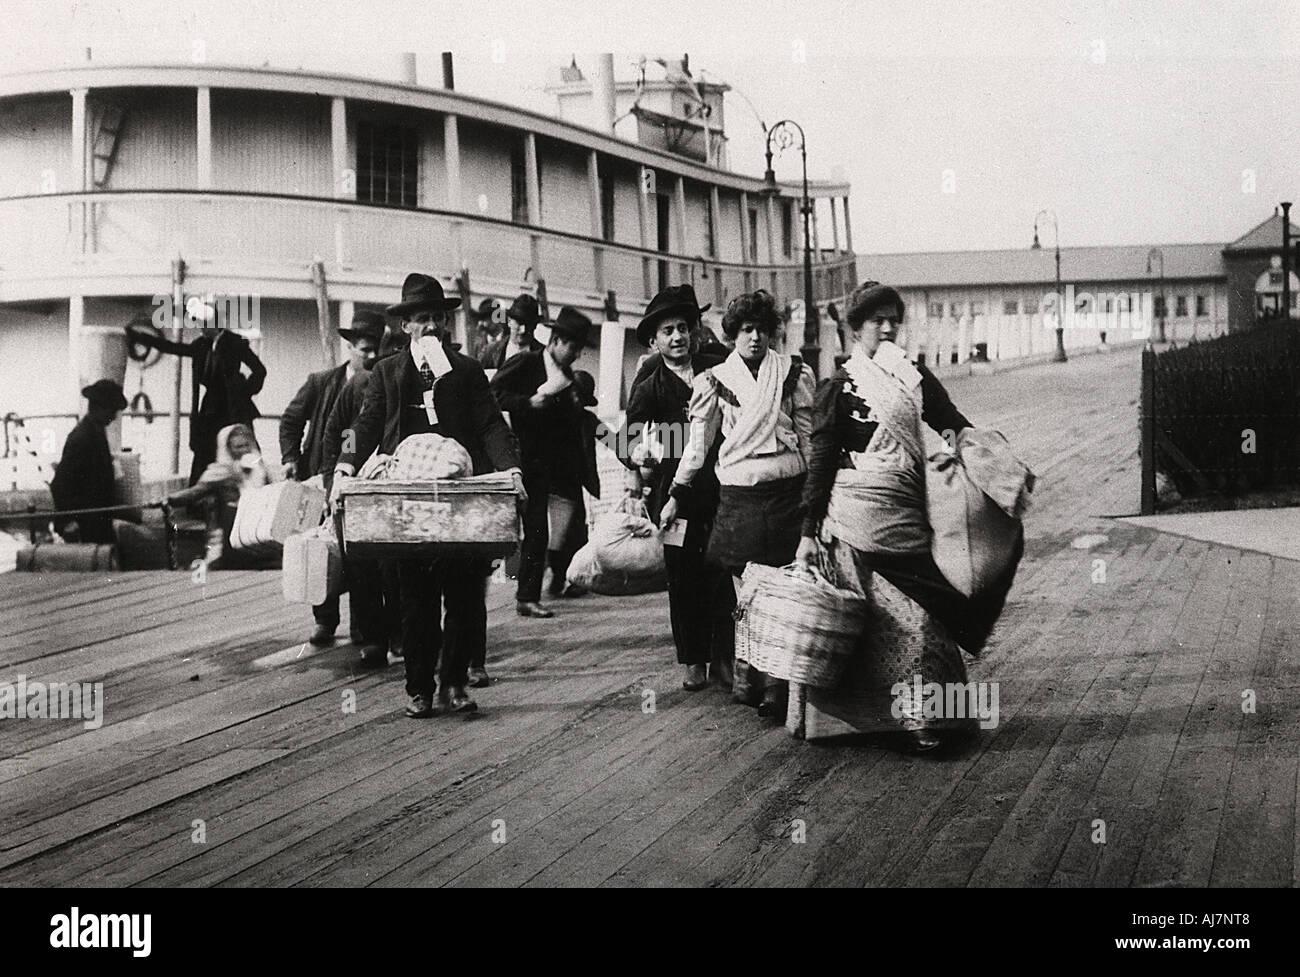 Gli immigrati negli Stati Uniti lo sbarco ad Ellis Island, New York, c1900. Artista: sconosciuto Foto Stock